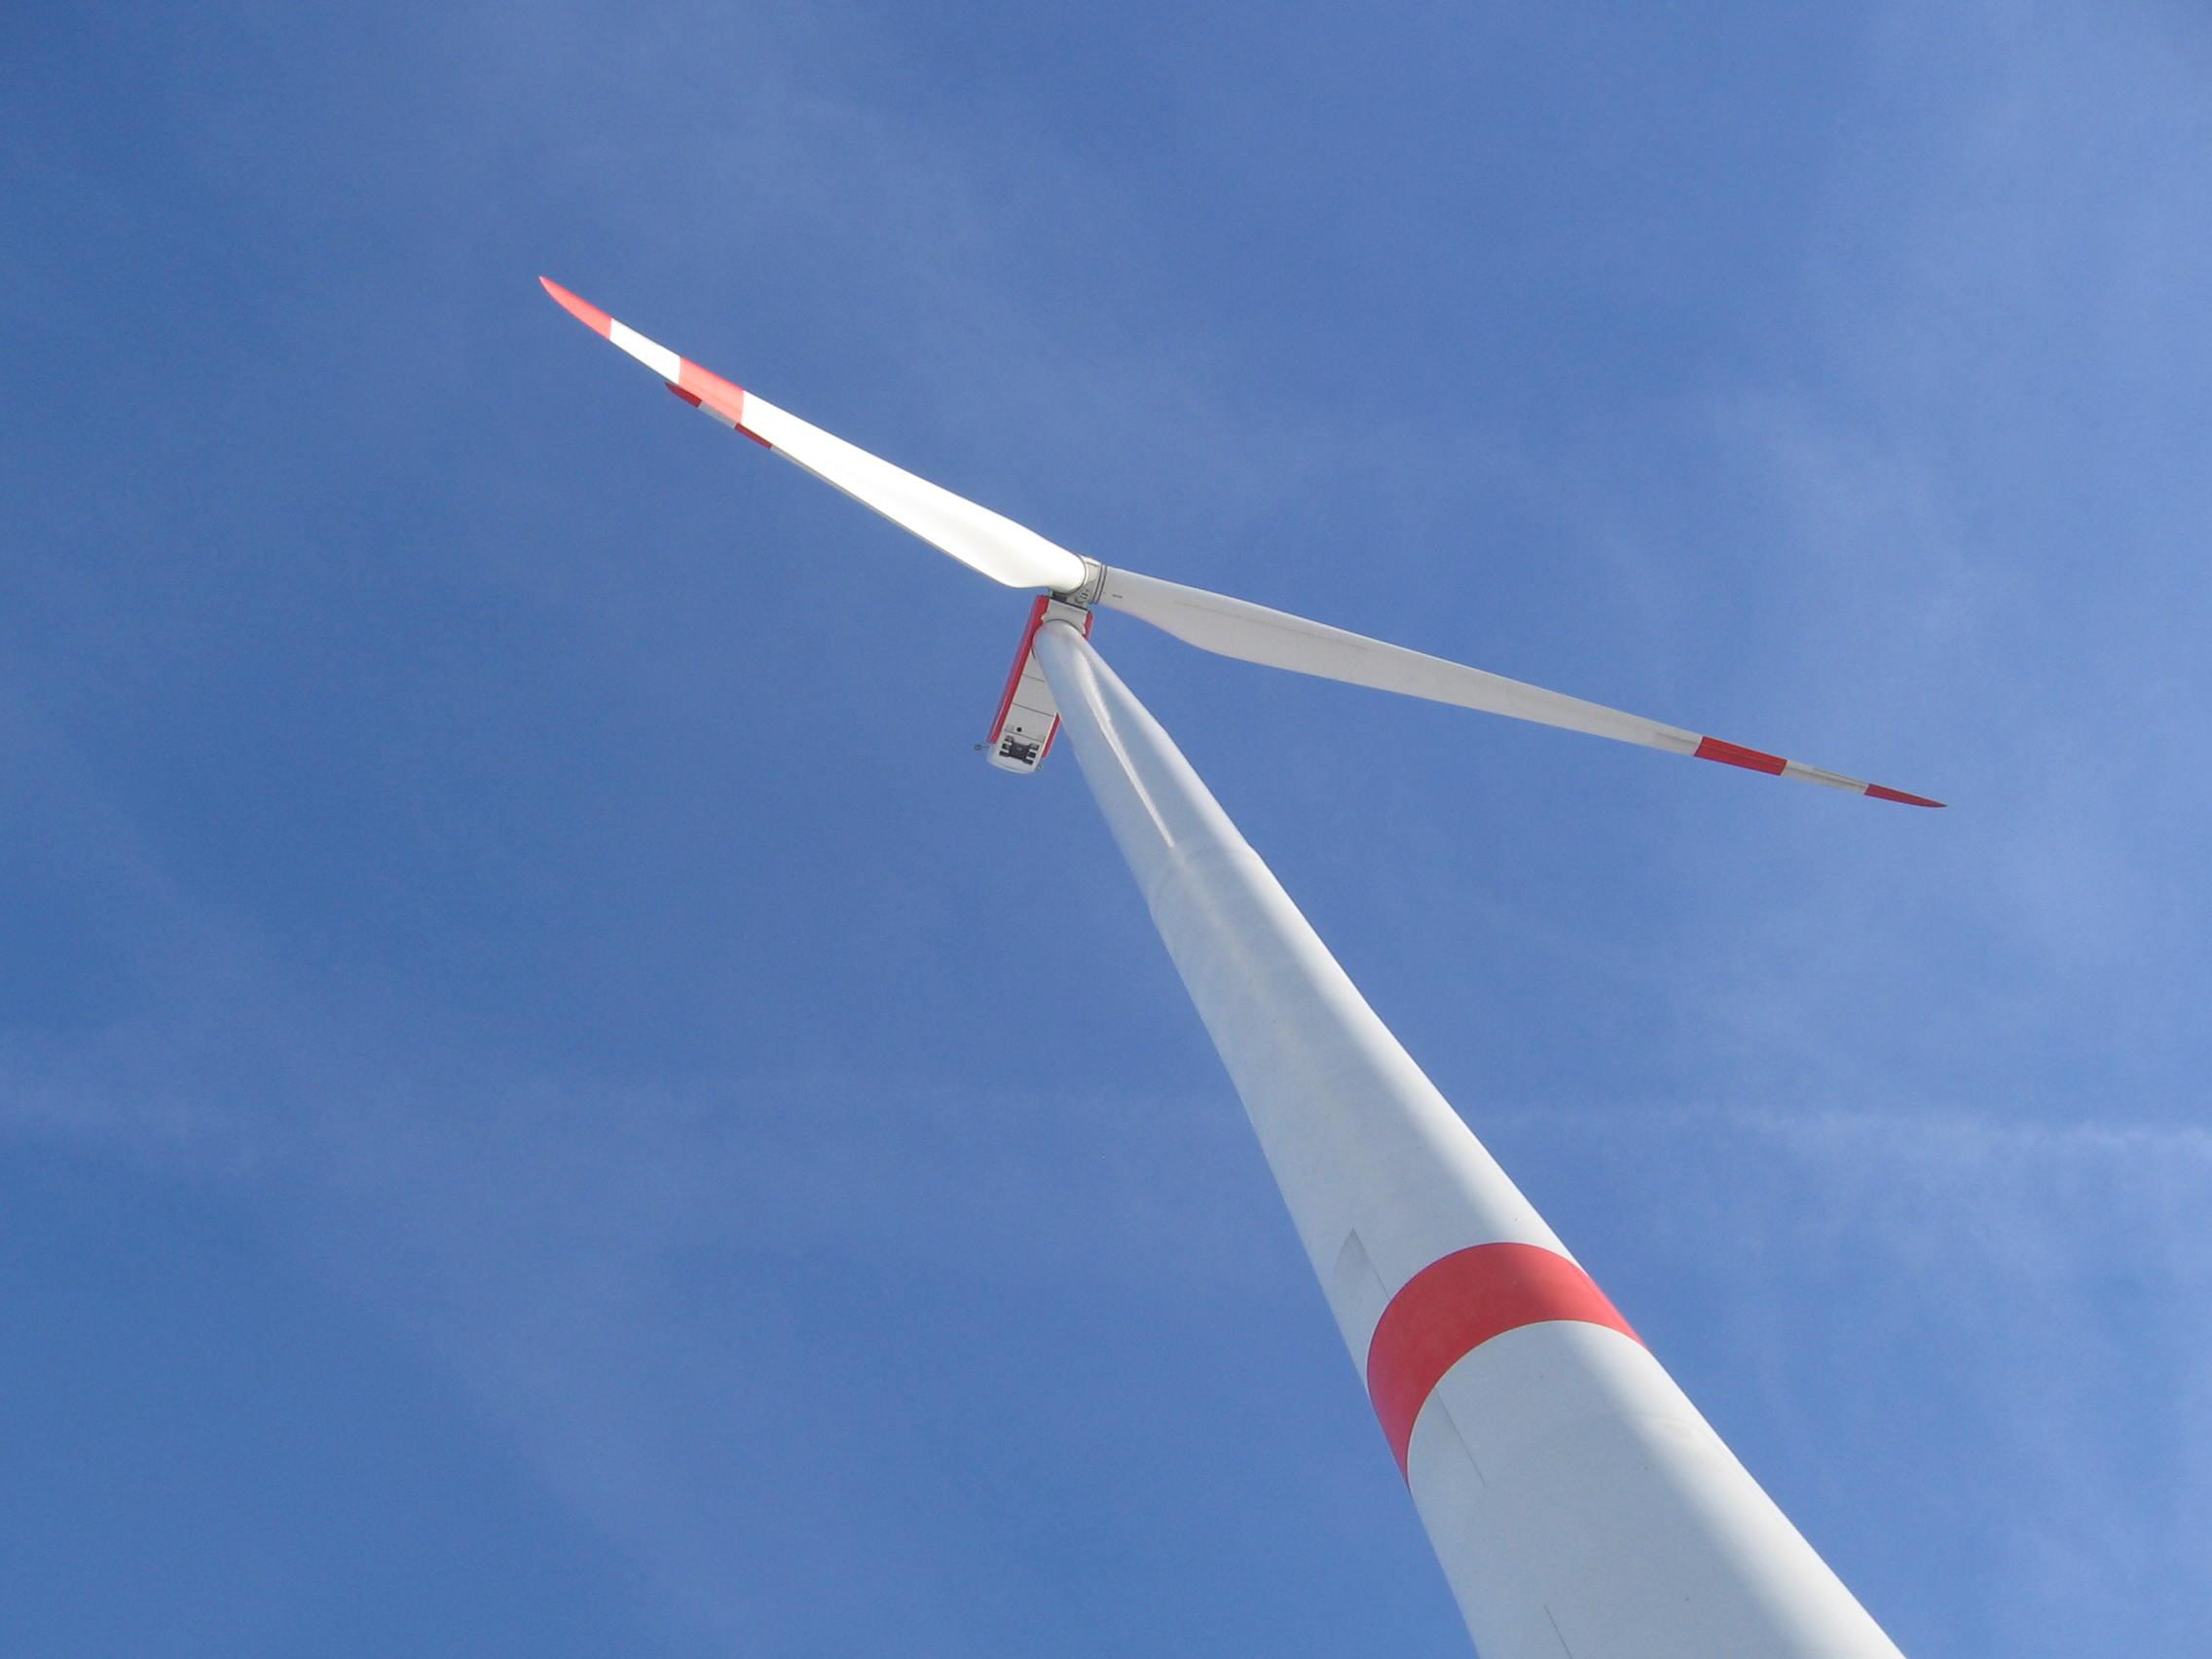 Windenergie ist auch auf Kauferinger Flächen sinnvoll!